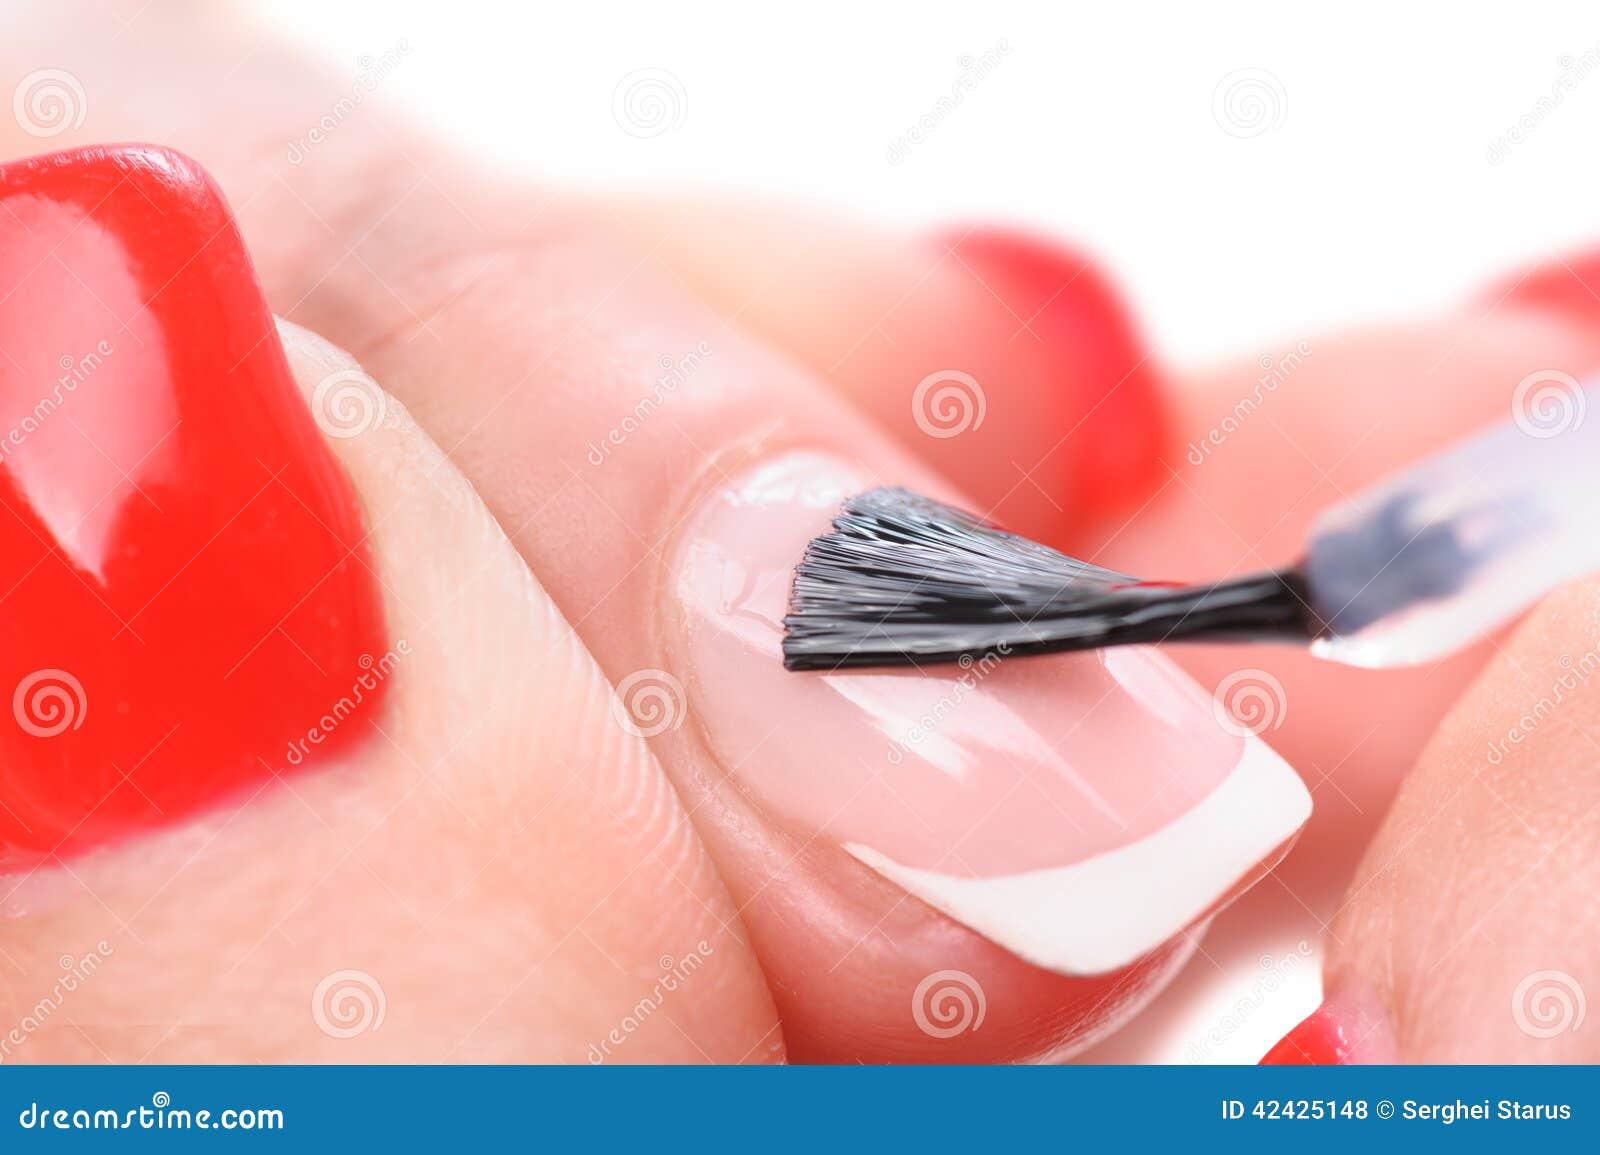 Manicura, aplicando el esmalte claro